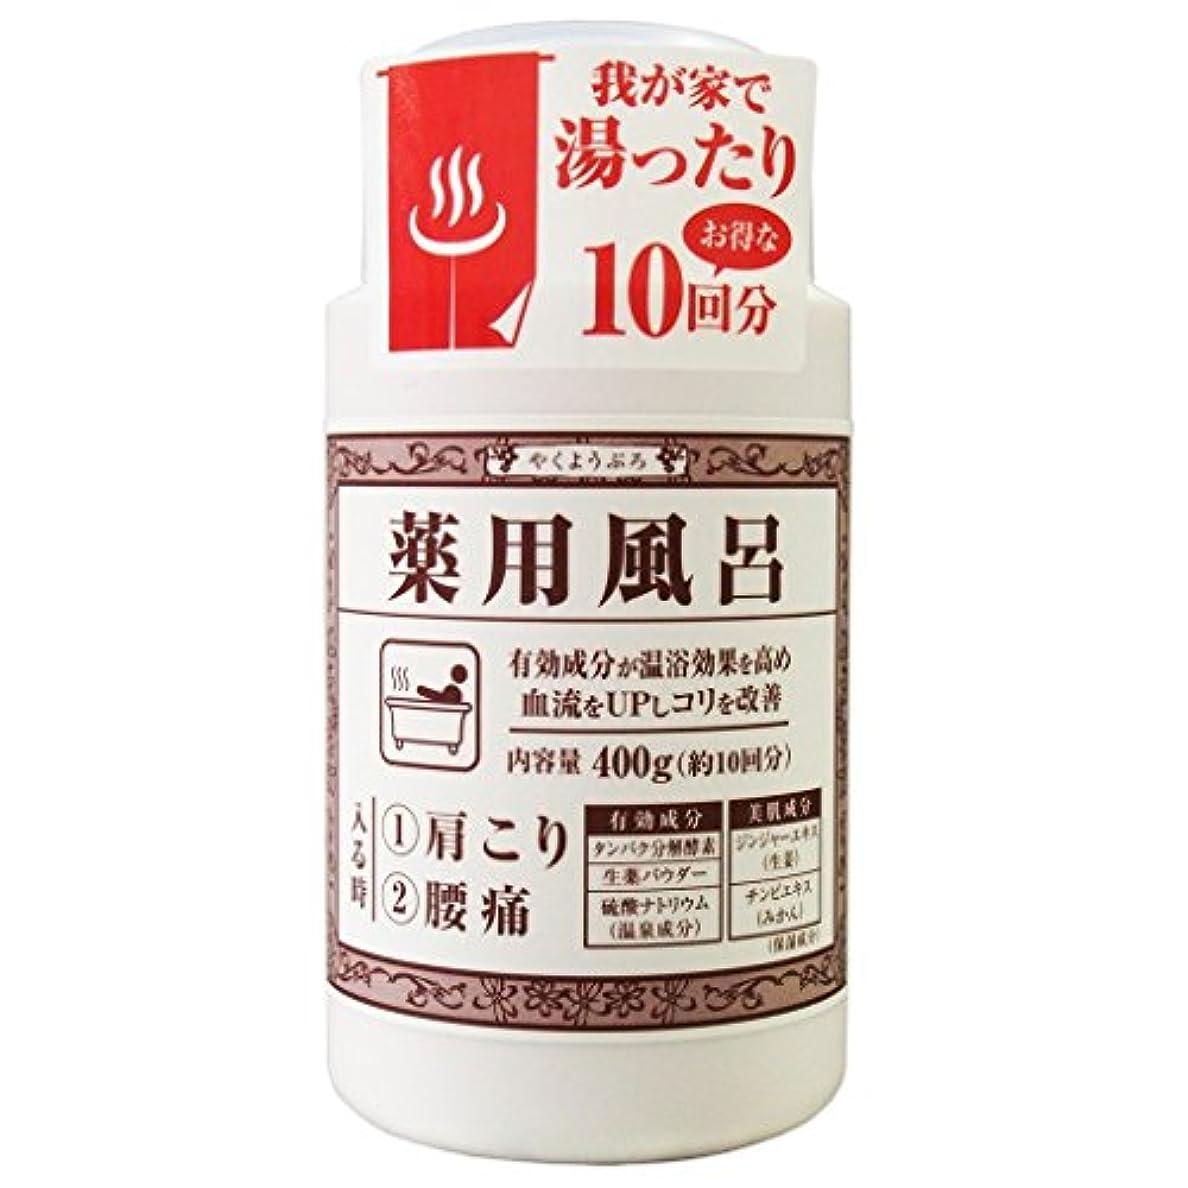 エンドウ安息雇った薬用風呂KKa 肩こり?腰痛 ボトル 400g(医薬部外品)